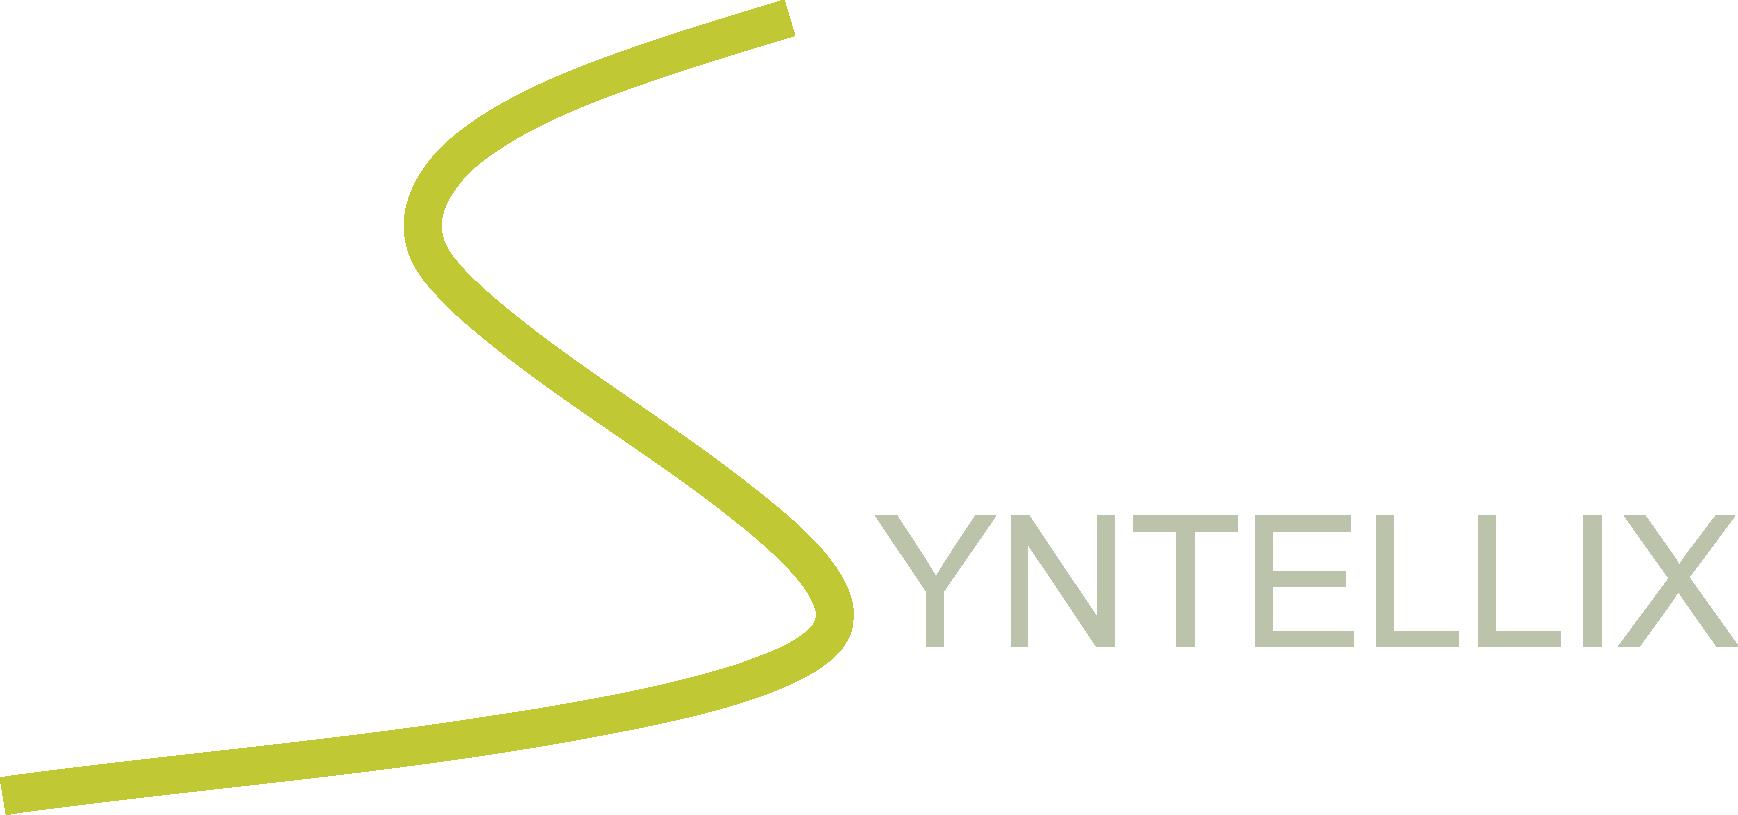 Ihre Chance bei Syntellix - aktuelle Einstiegsmöglichkeiten